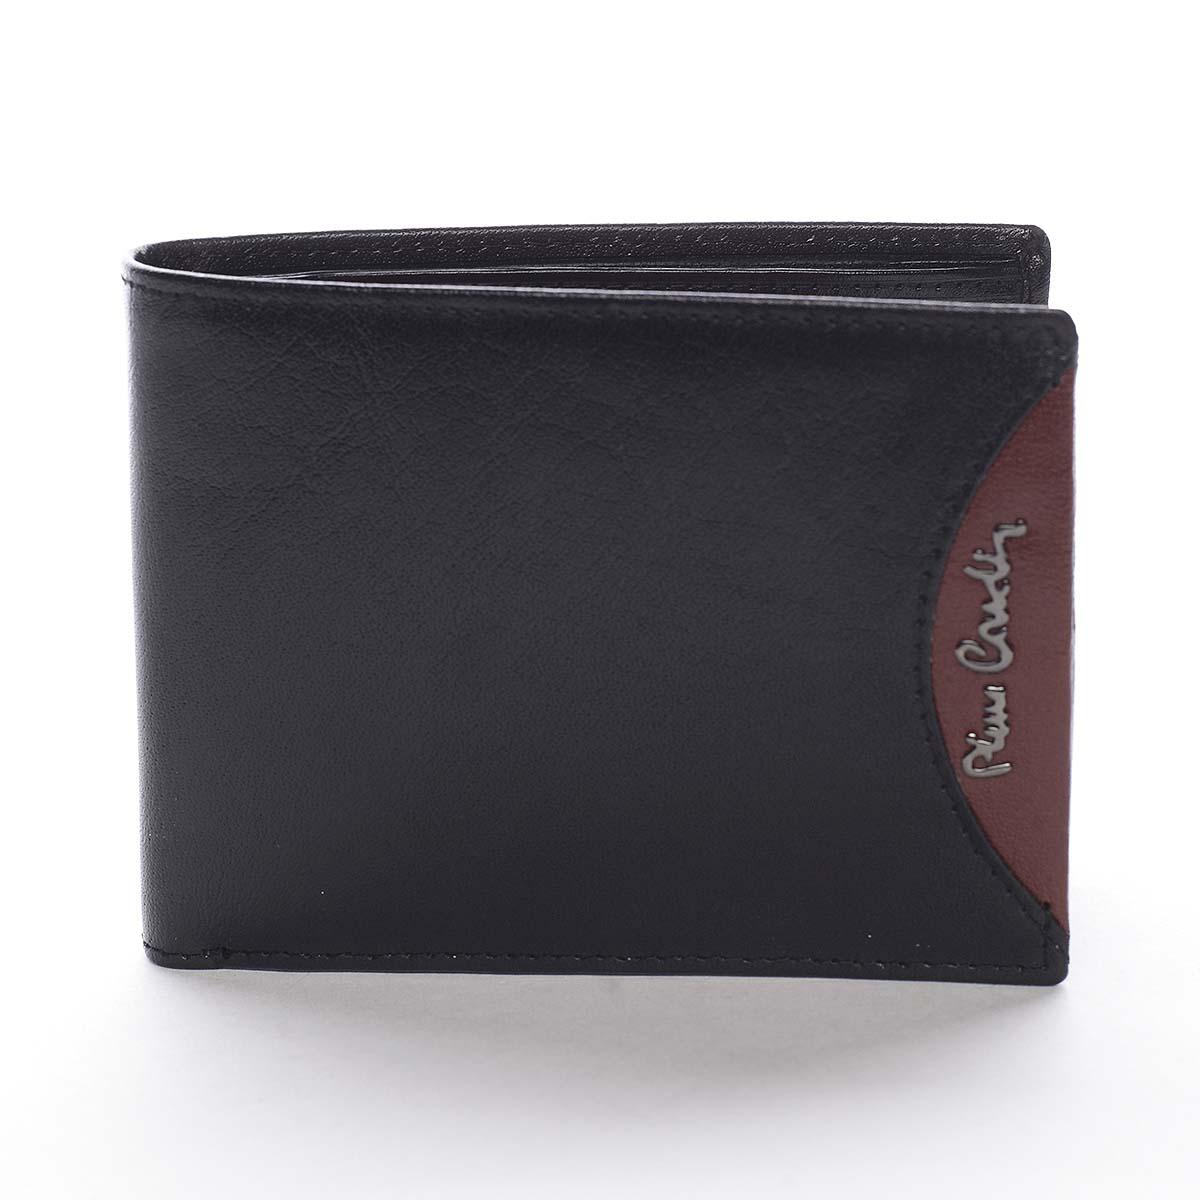 Pánská kožená peněženka černá - Pierre Cardin Ludmar Rosso